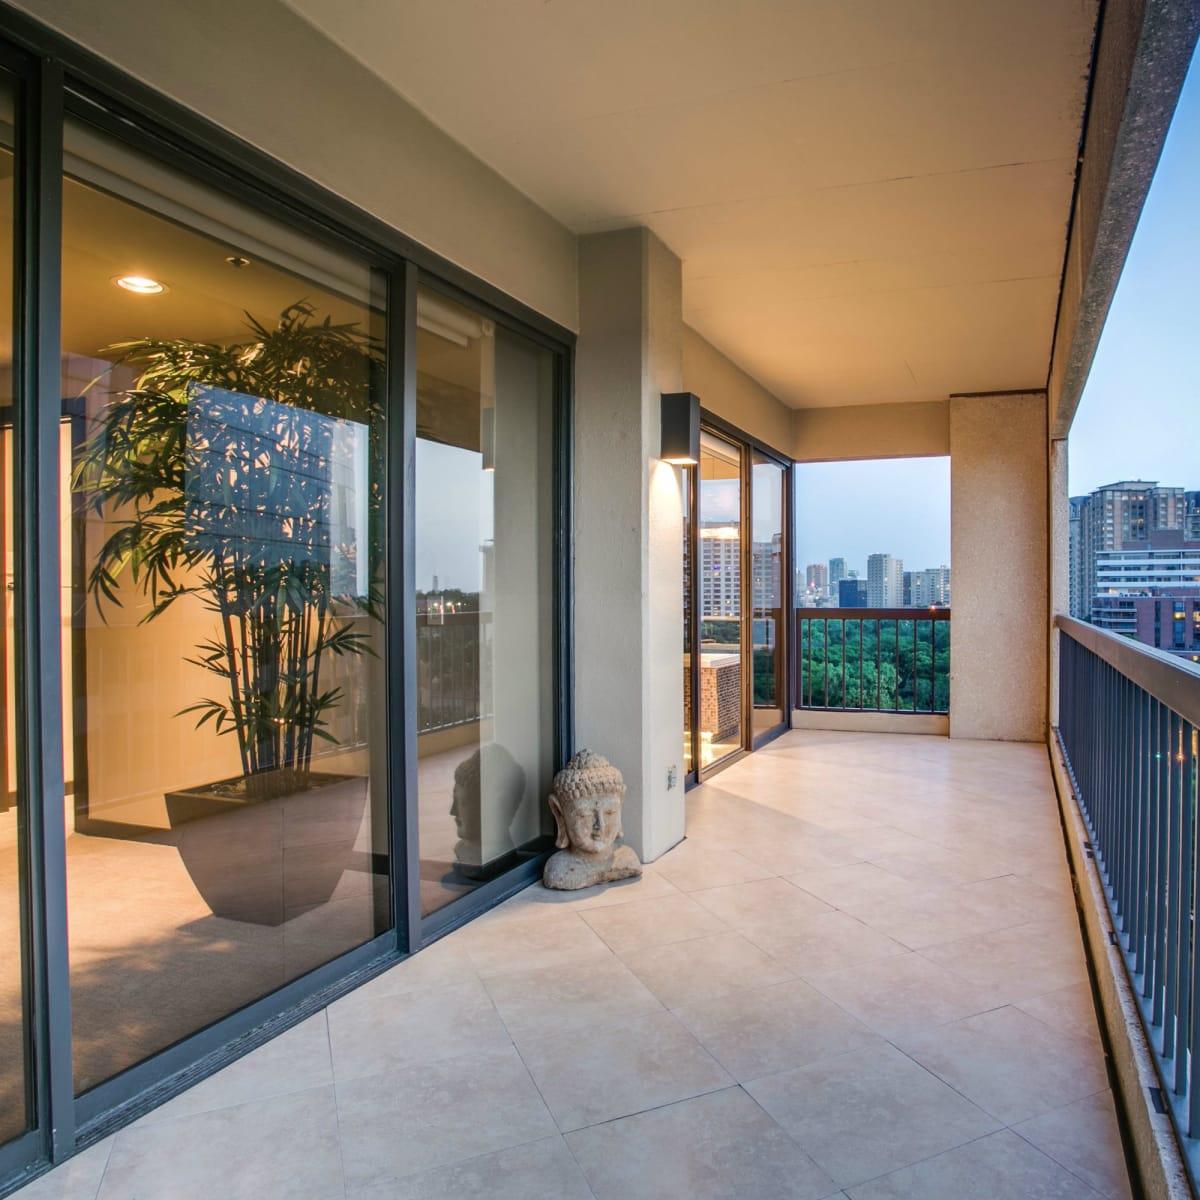 Terrace at 3831 Turtle Creek Blvd. in Dallas